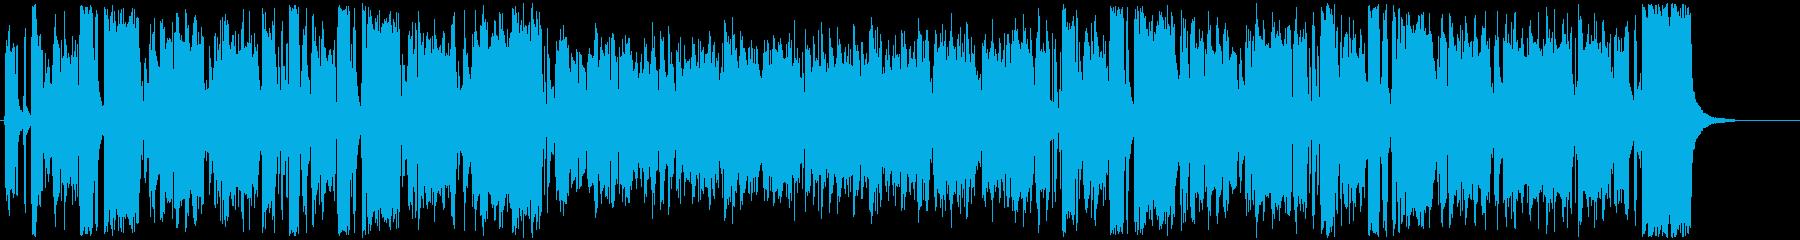 ほのぼのしたアコーディオンBGMの再生済みの波形